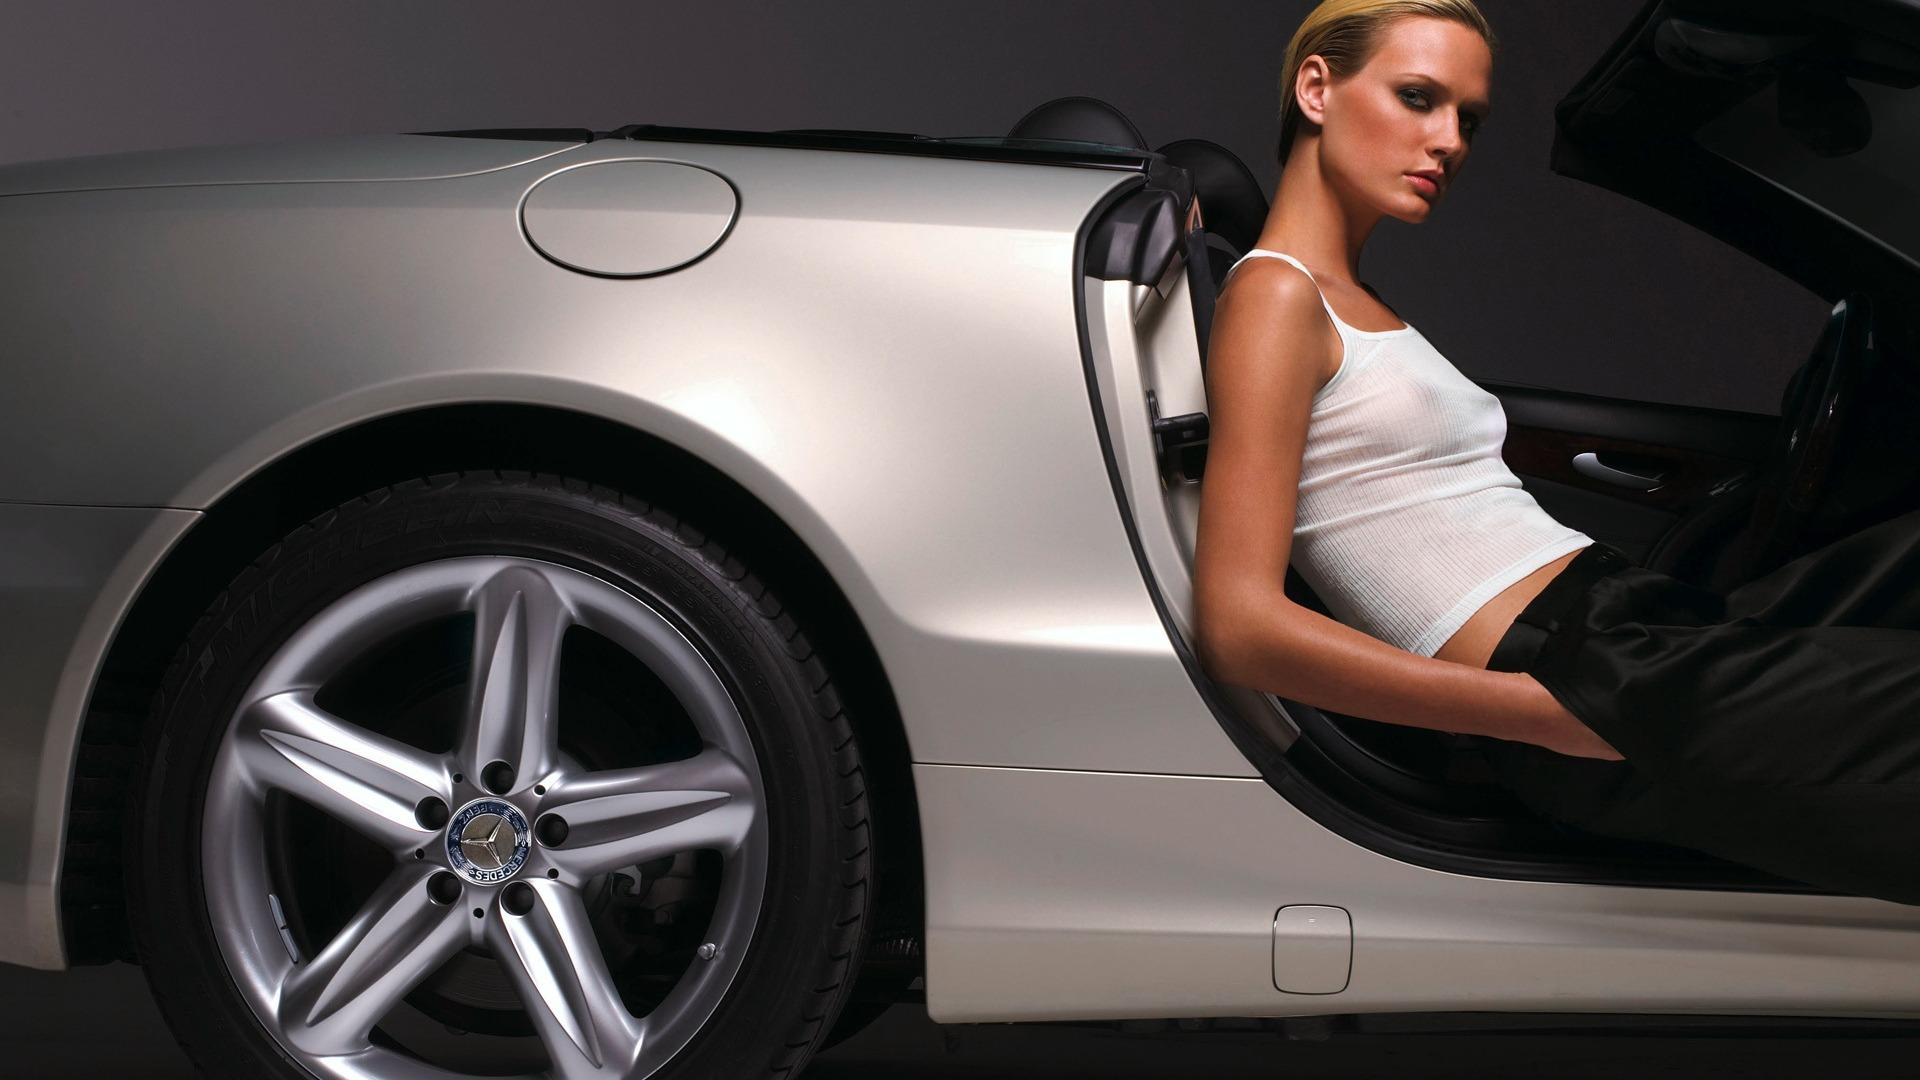 yong nude women in car pics